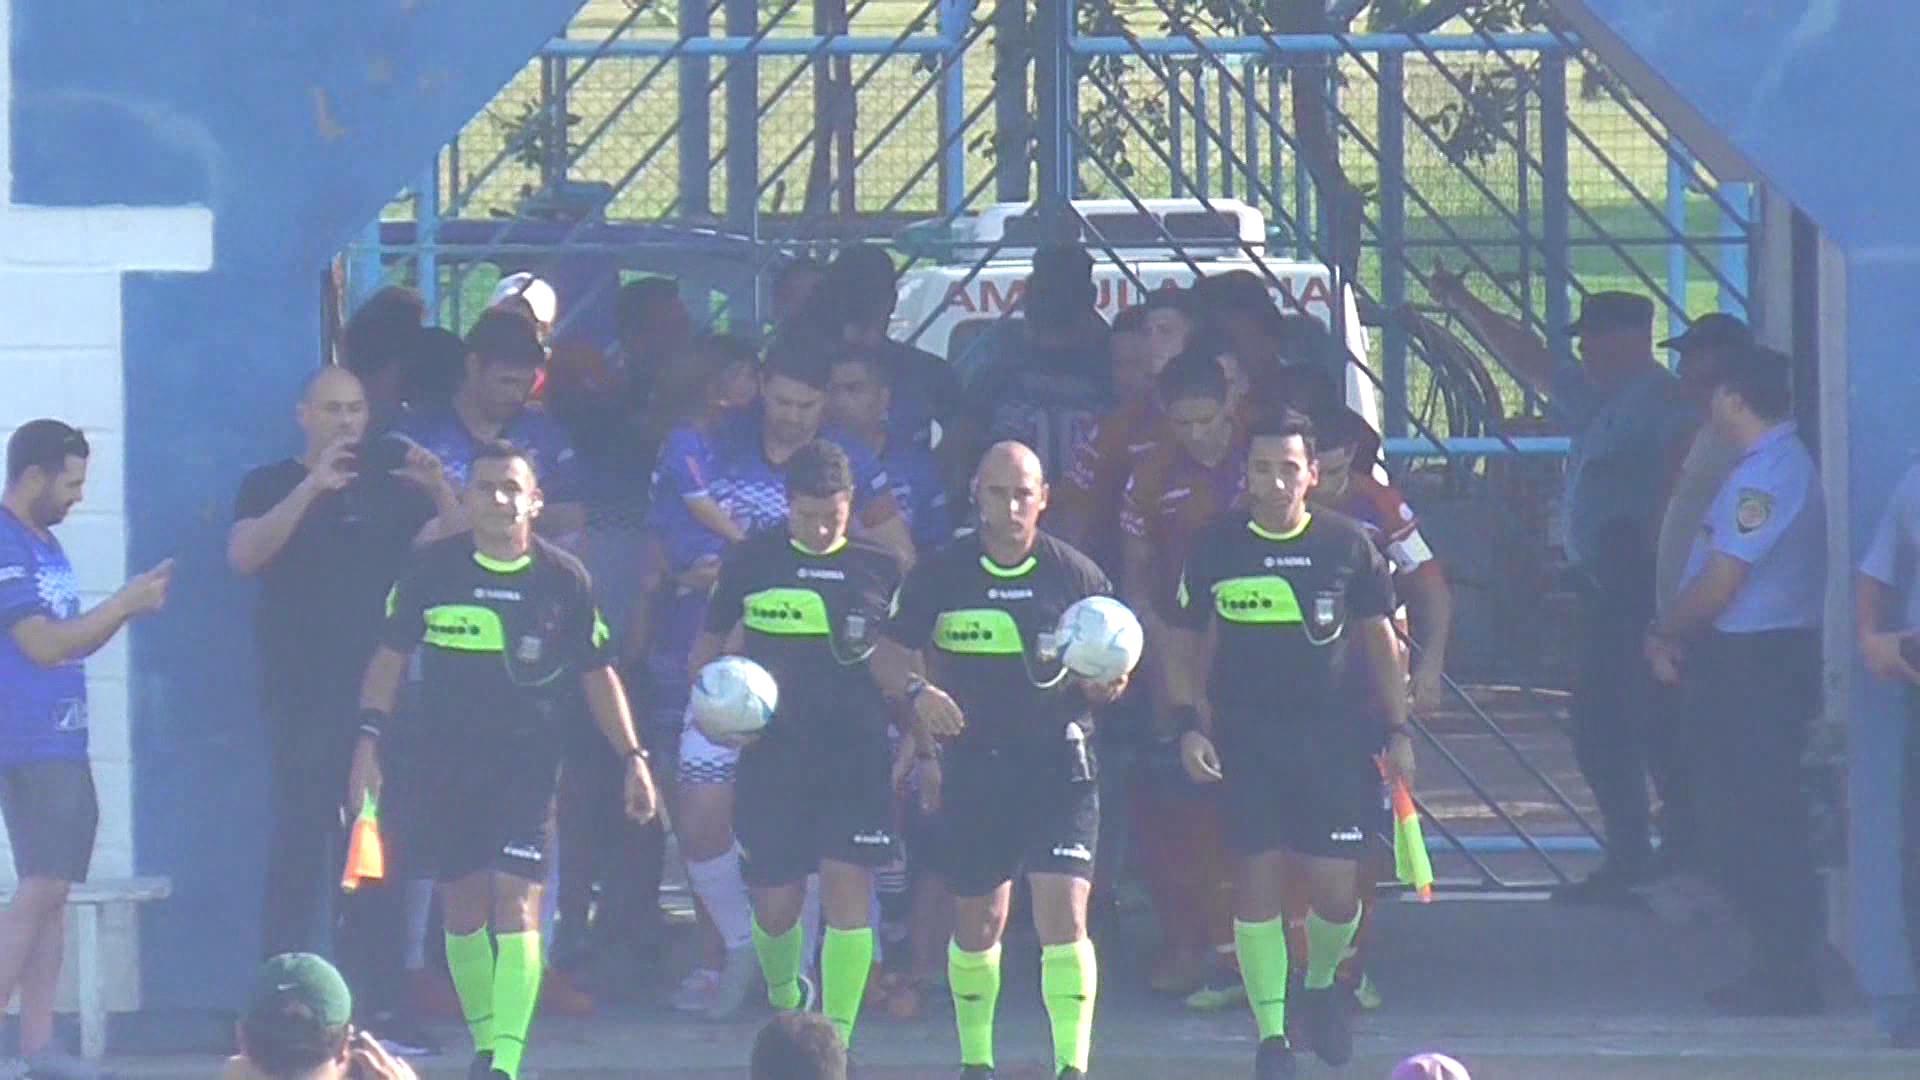 Liga local: Atlético San Basilio y Belgrano de Vicuña Mackenna igualaron 2 a 2 la primer final - Telediario Digital